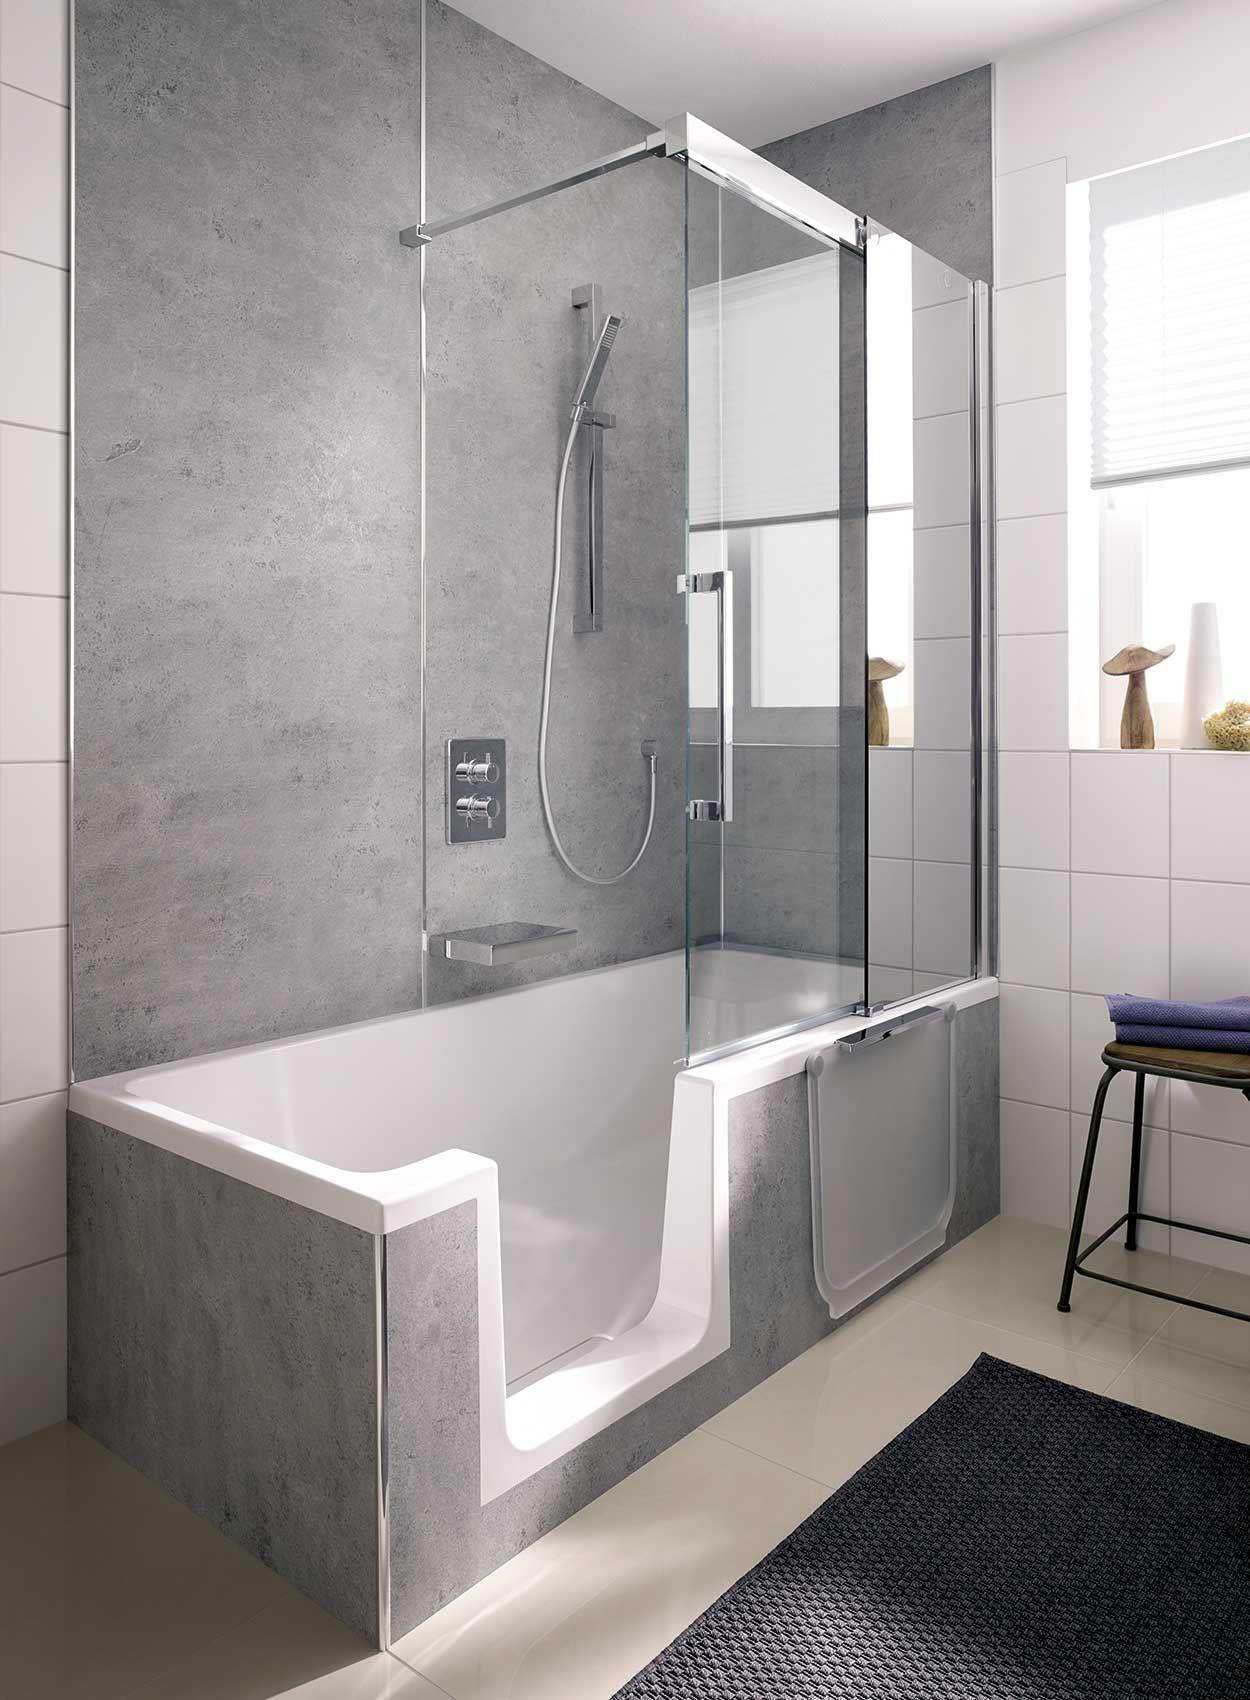 Duschabtrennung Badewanne Top Losungen Von Hsk Duschabtrennung Badewanne Duschabtrennung Badewanne